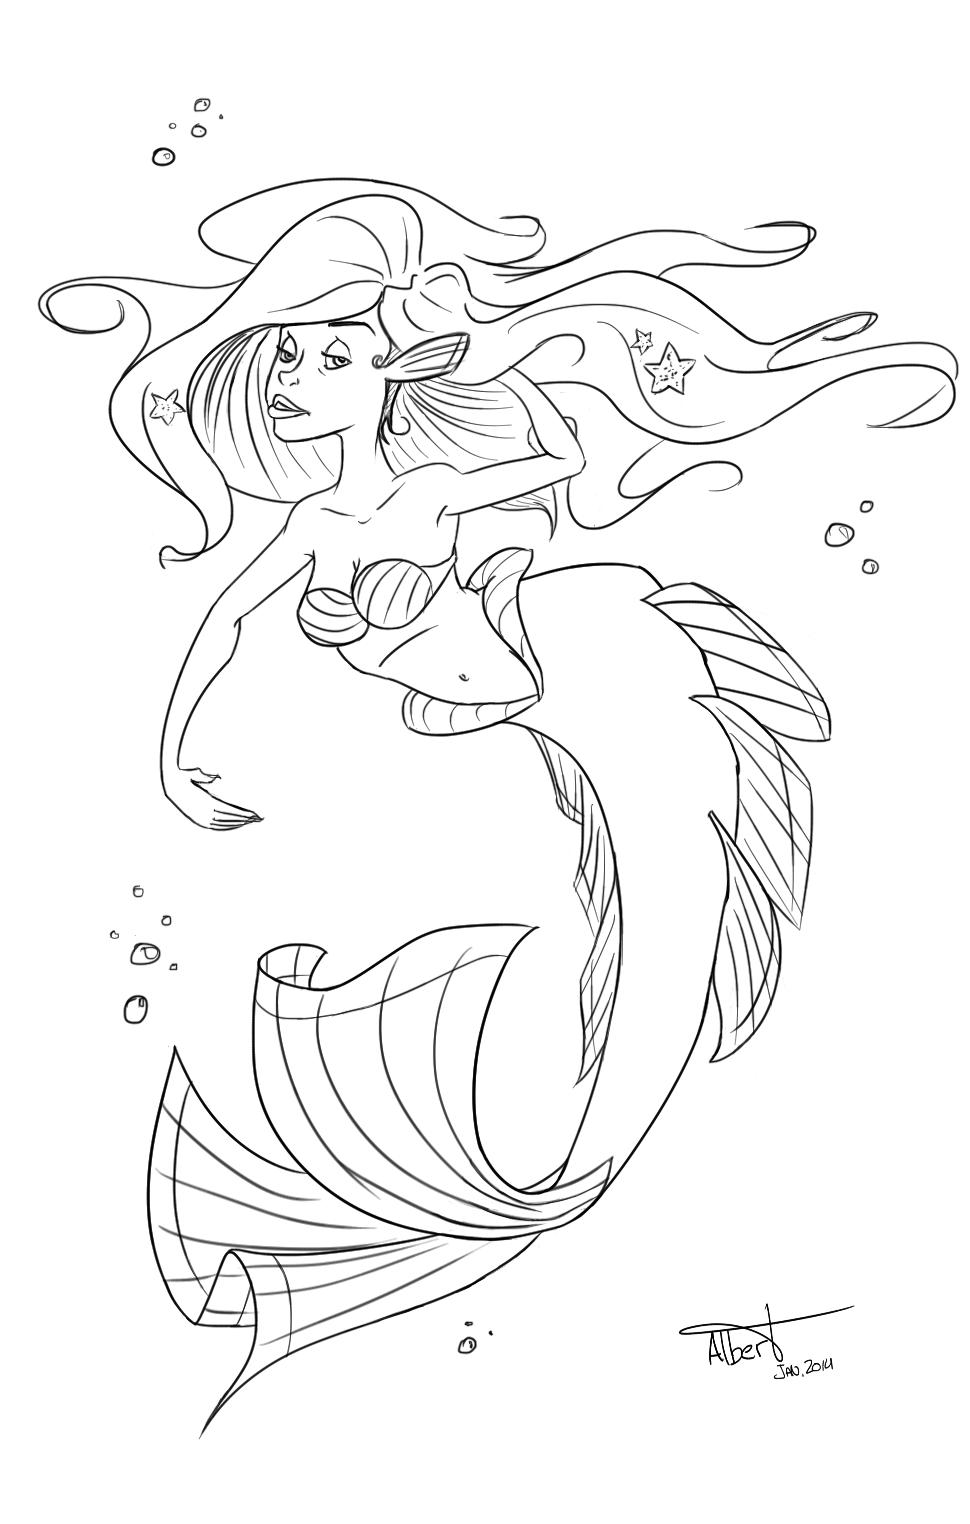 Mermaid - Albert Casado (nfok-e) - http://nfokedot.blogspot.com